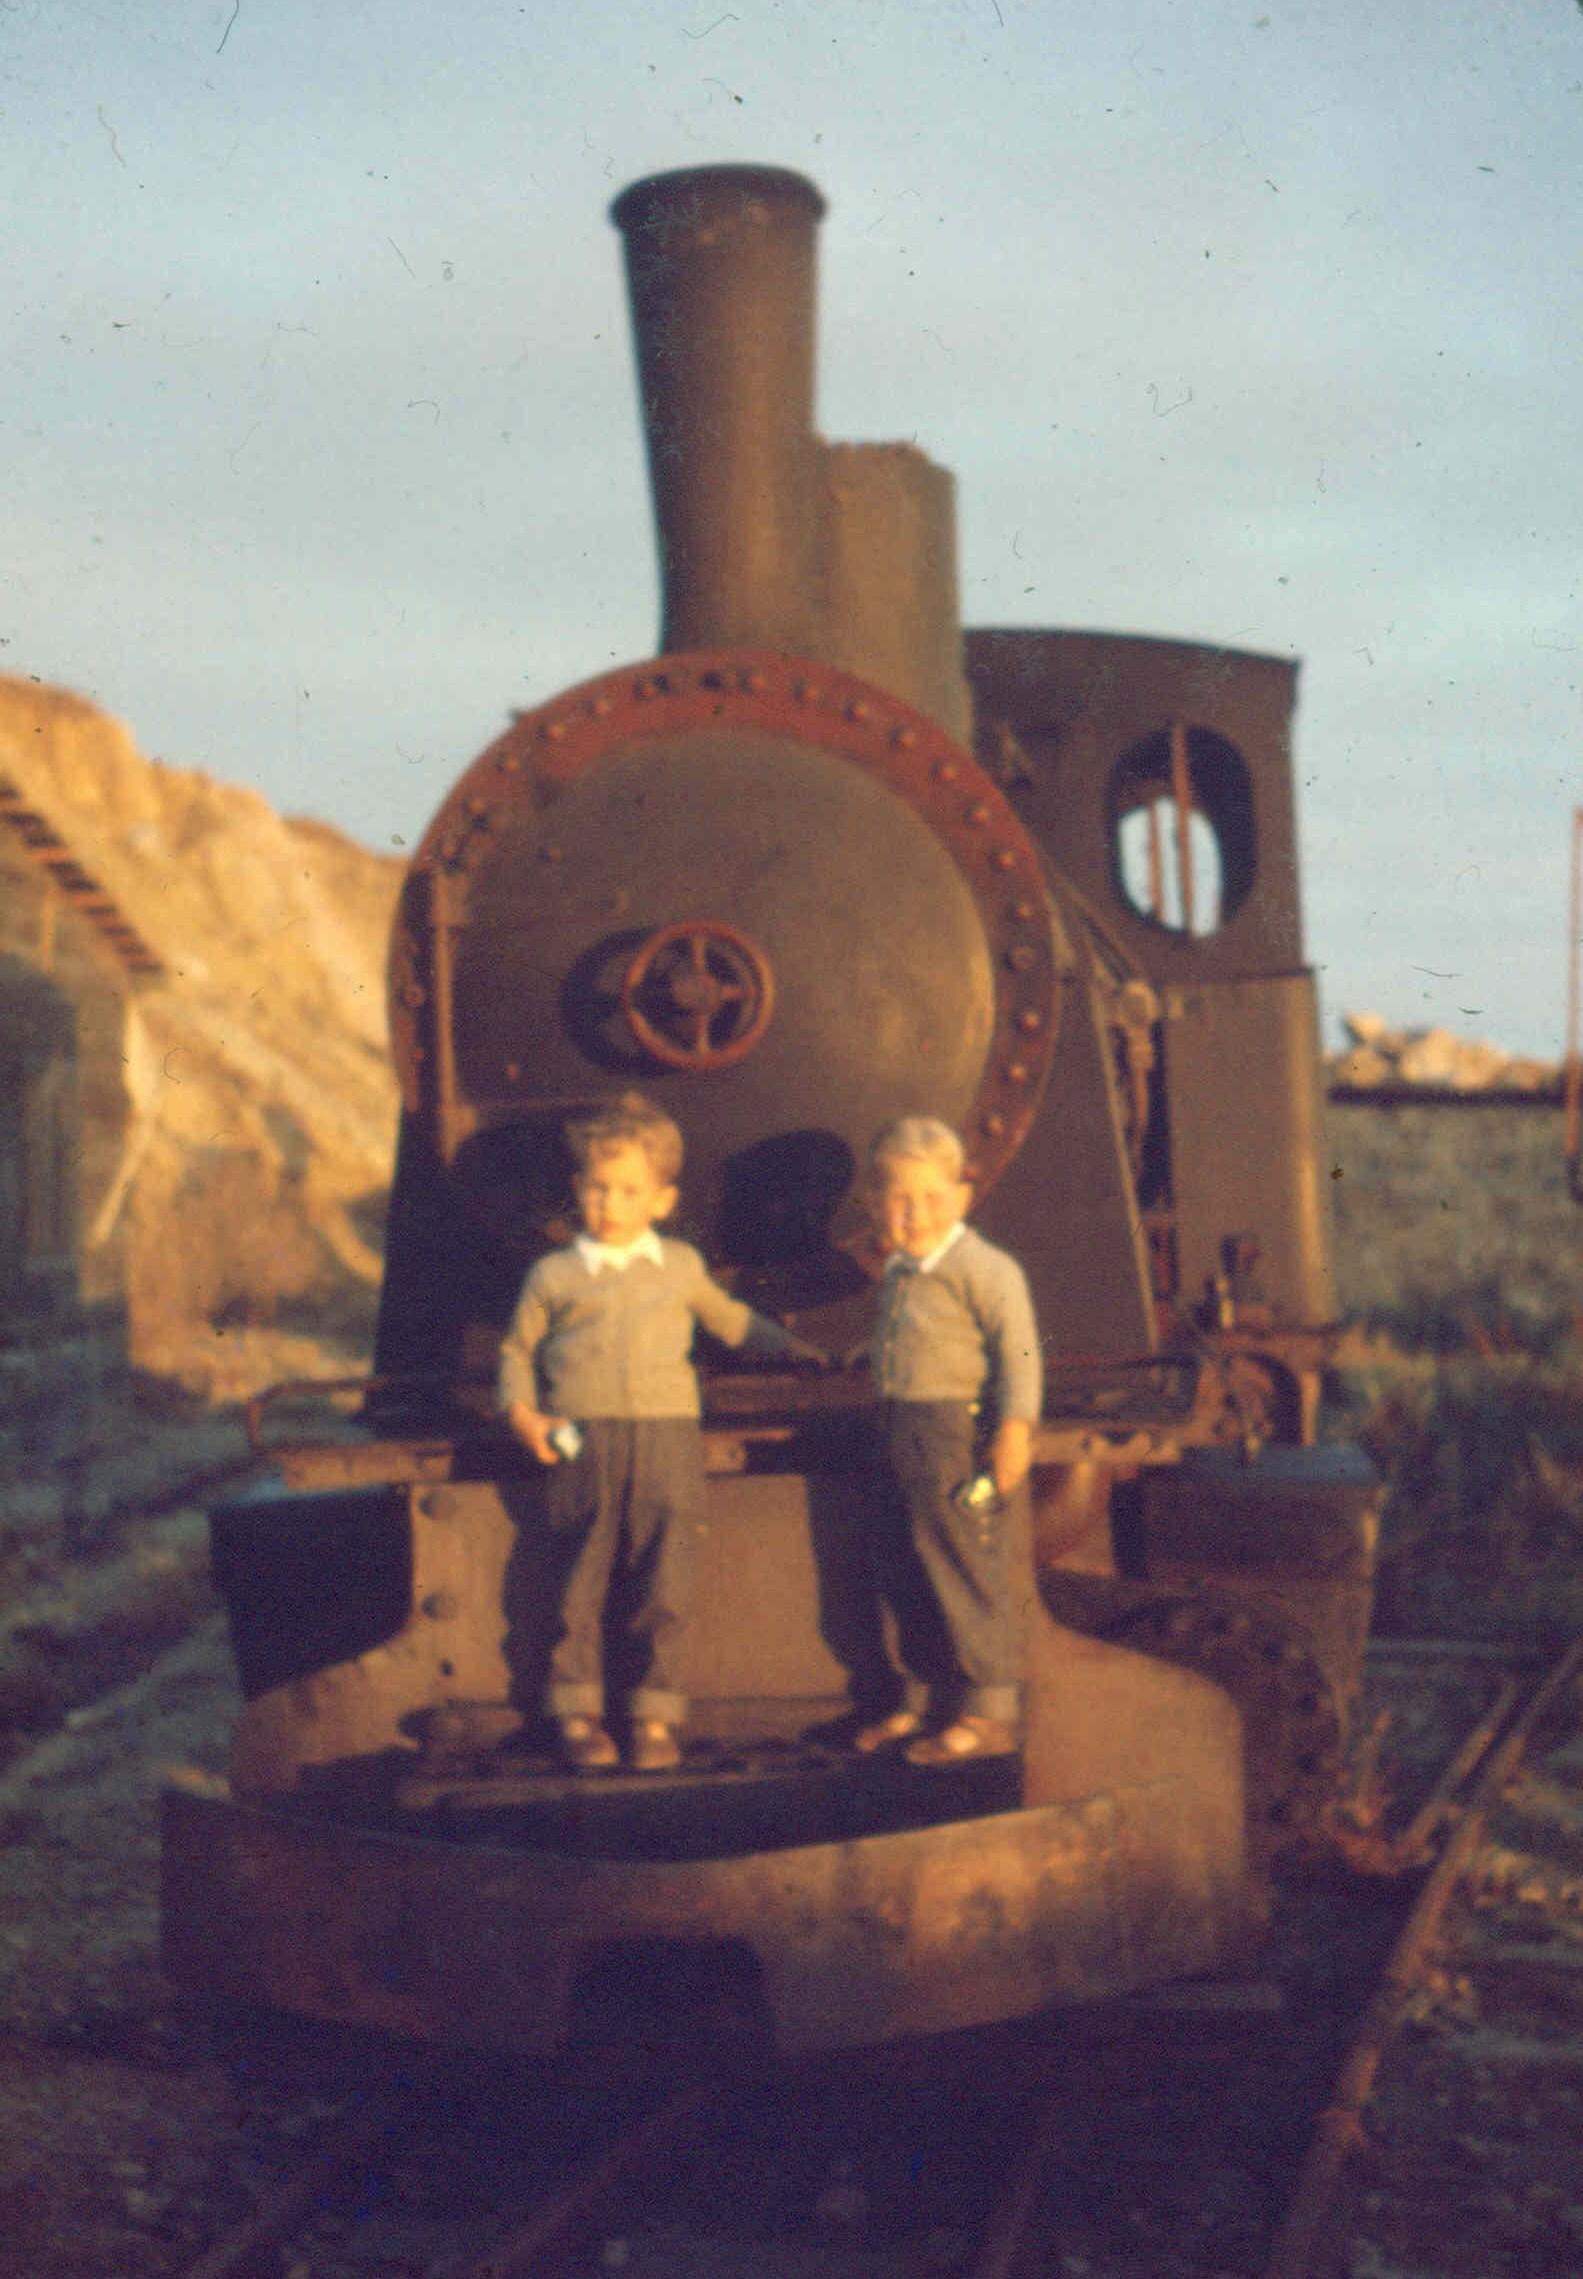 Enterreno - Fotos históricas de chile - fotos antiguas de Chile - Niños sobre ferrocarril, San Antonio, 1957